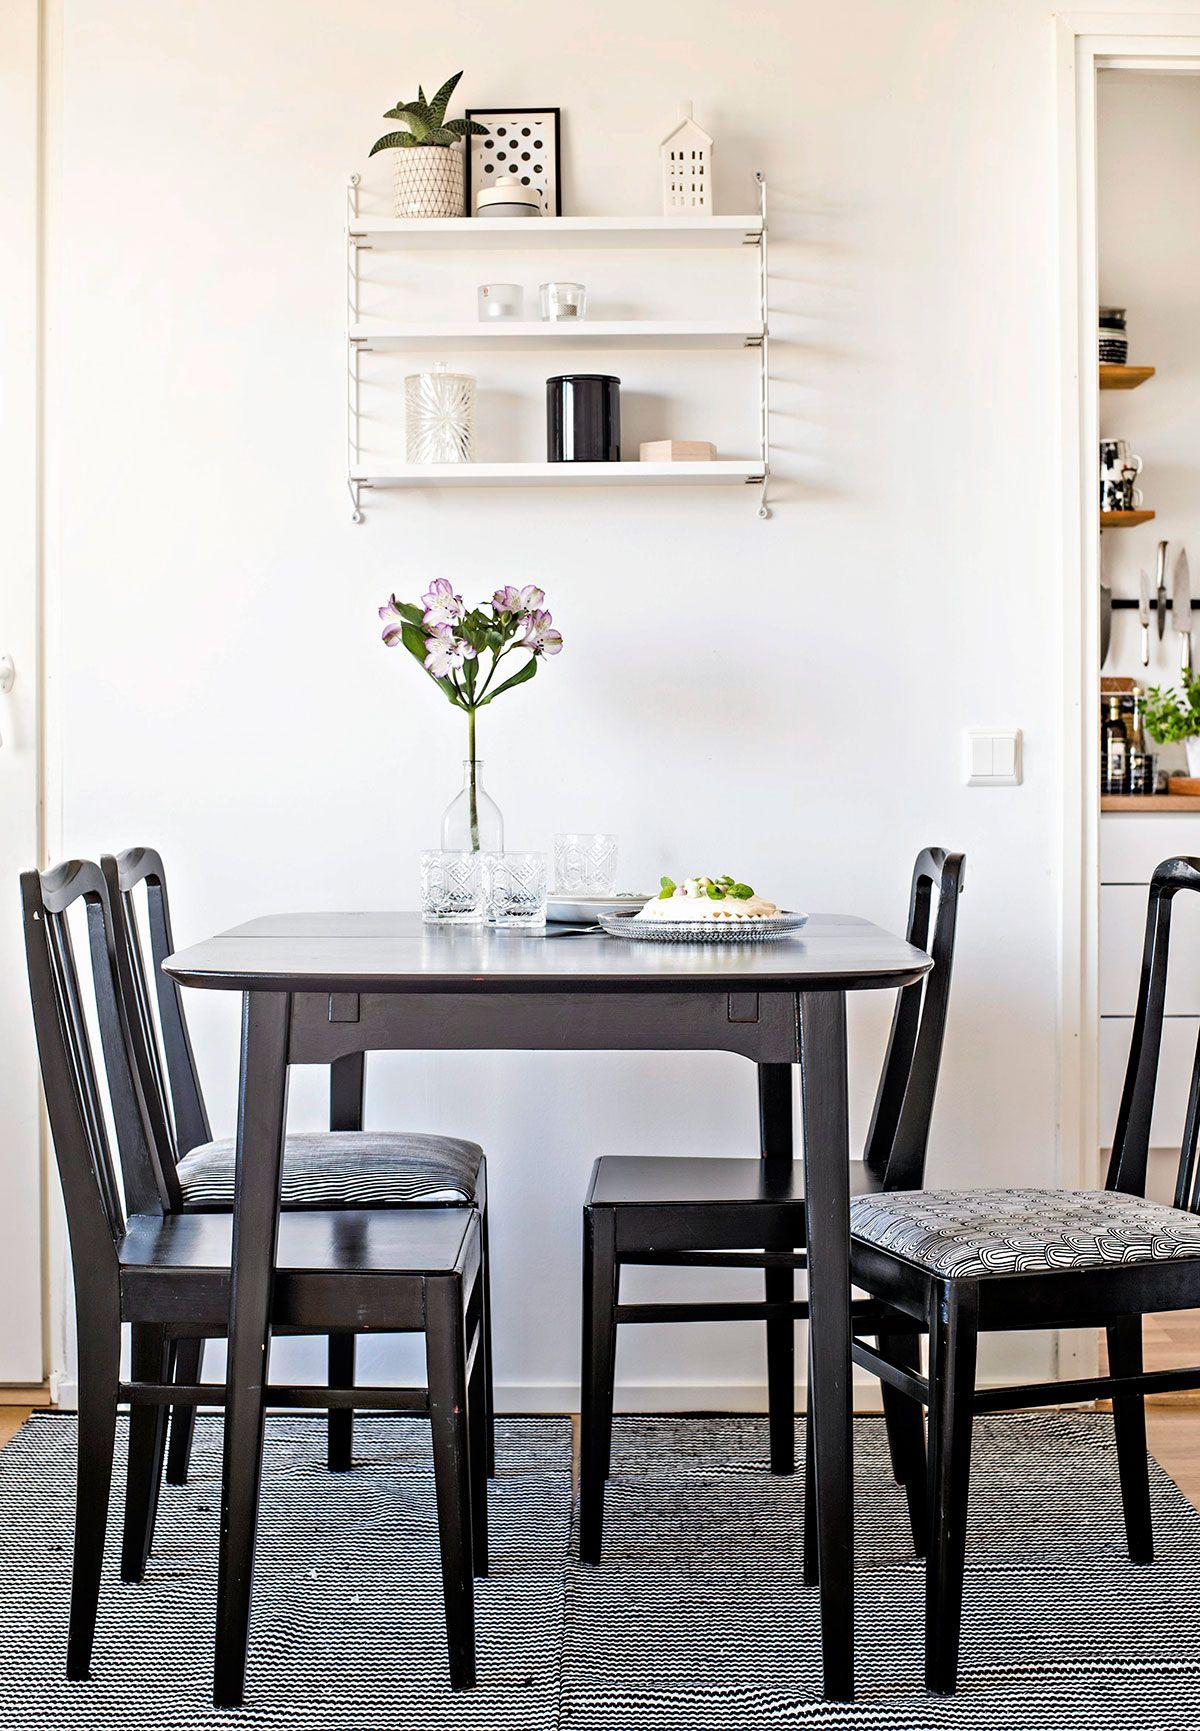 Hennan ukin vanha ruokapöytä on käsitelty mustaksi. Stringin seinähyllykköön Henna vaihtelee tavaroita fiiliksen mukaan. Osa tuoleista on verhoiltu Marimekon keittiöpyyhkeillä.